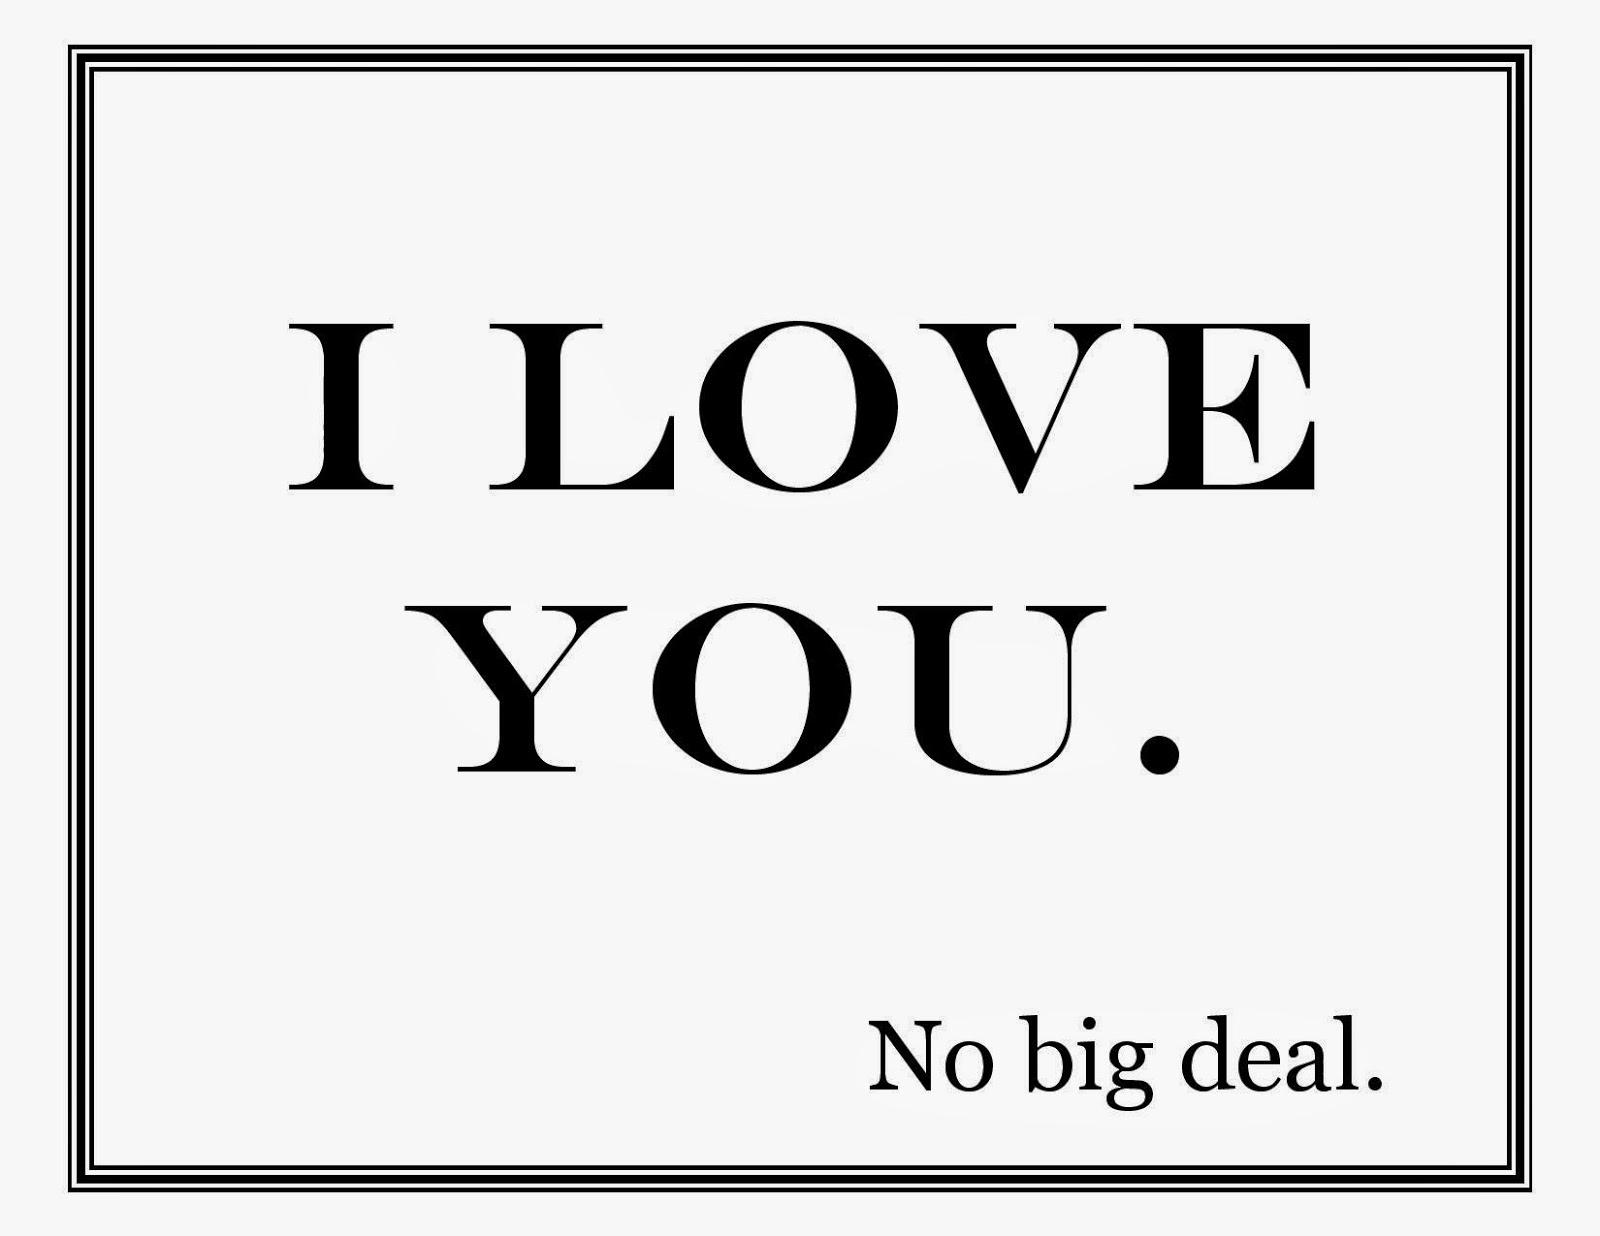 I love you. No big deal. small